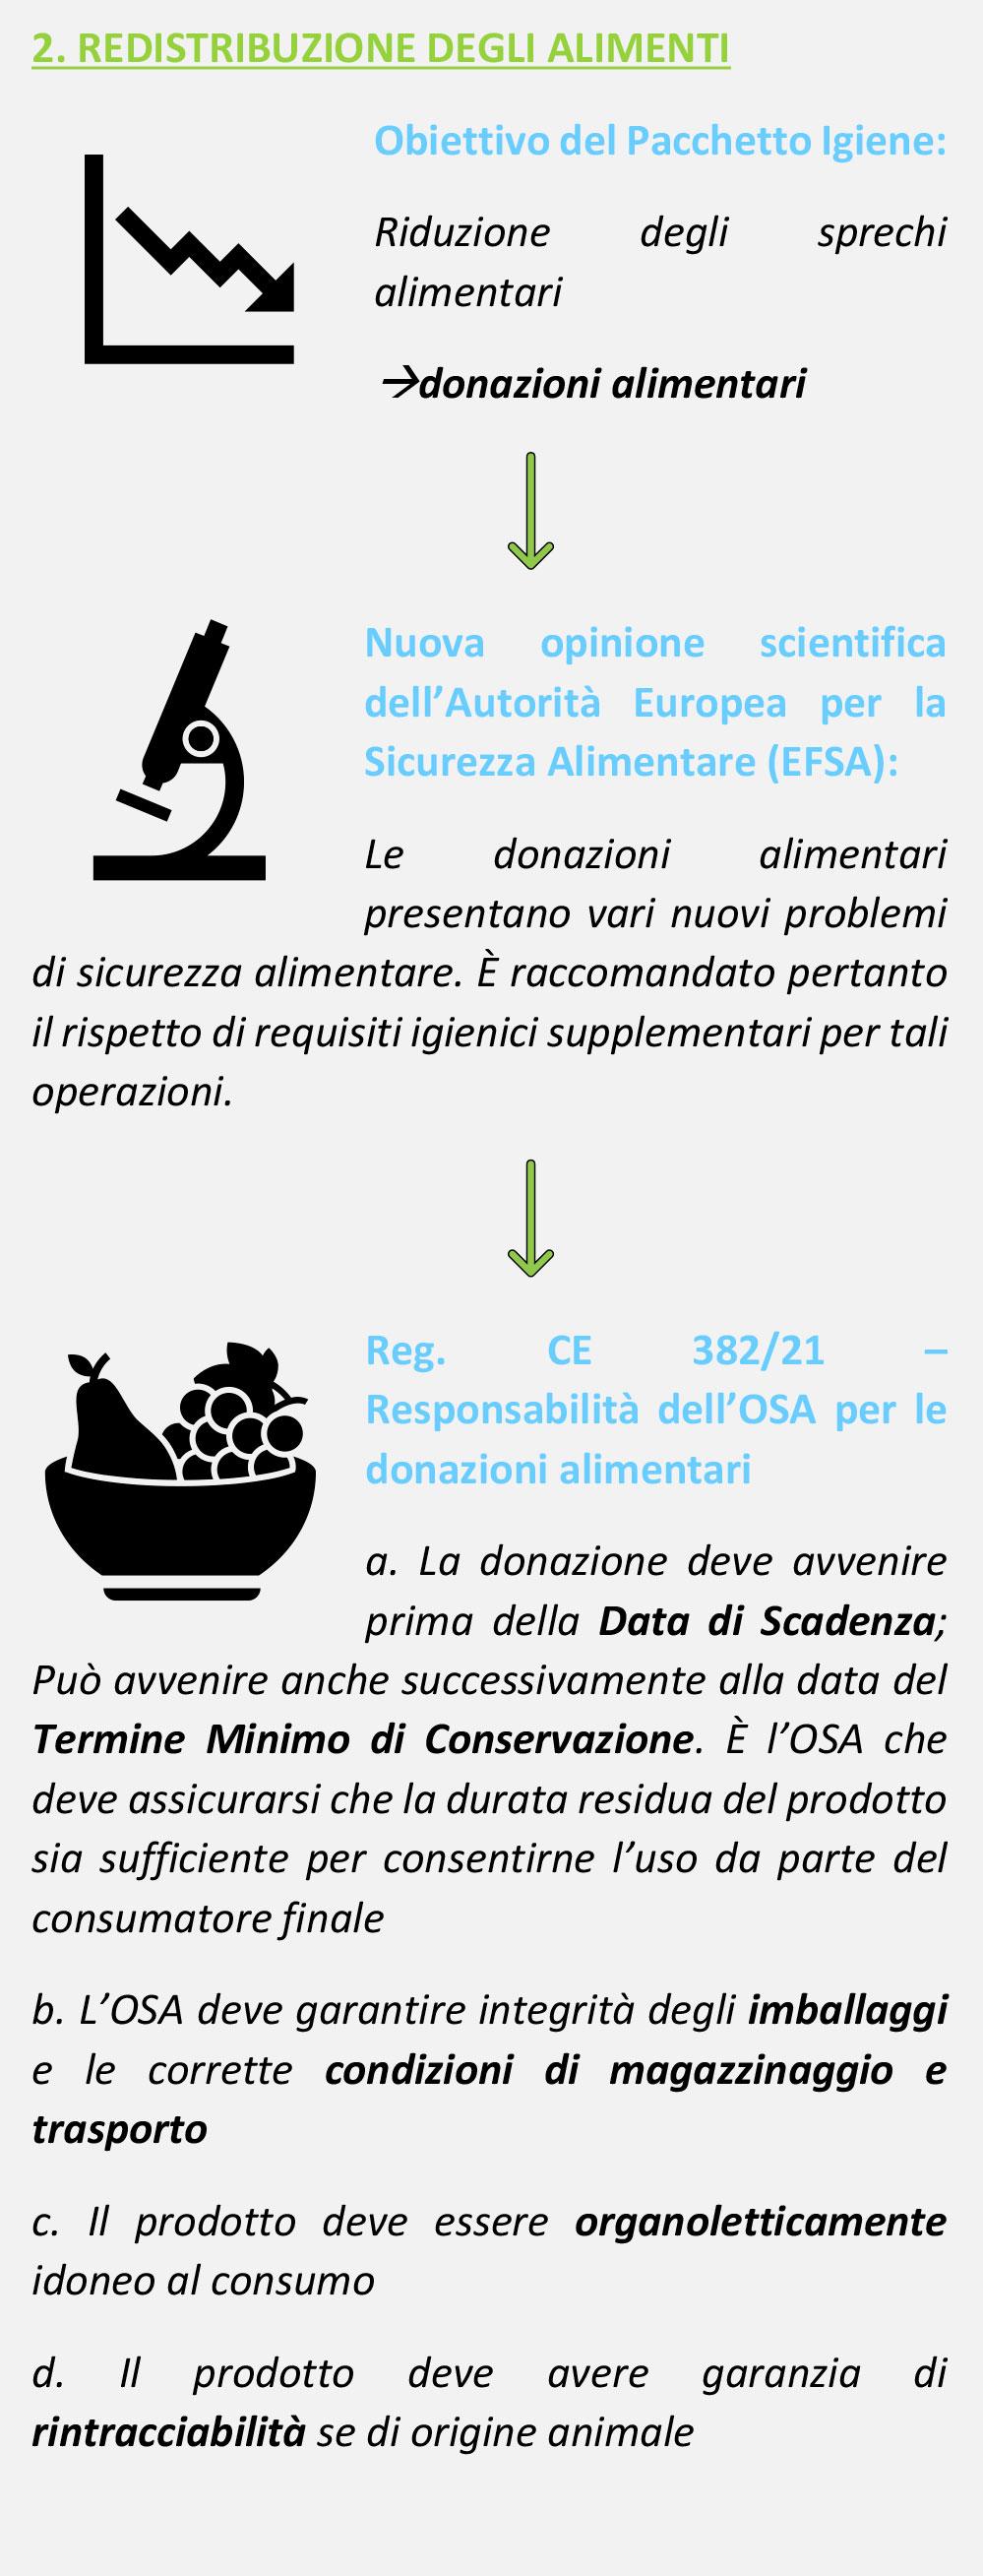 Implementazioni e disposizioni del regolamento (CE) 852/2004   Infografica 2 | Bologna Haccp | Consulenza e certificazioni alimentari | Bologna